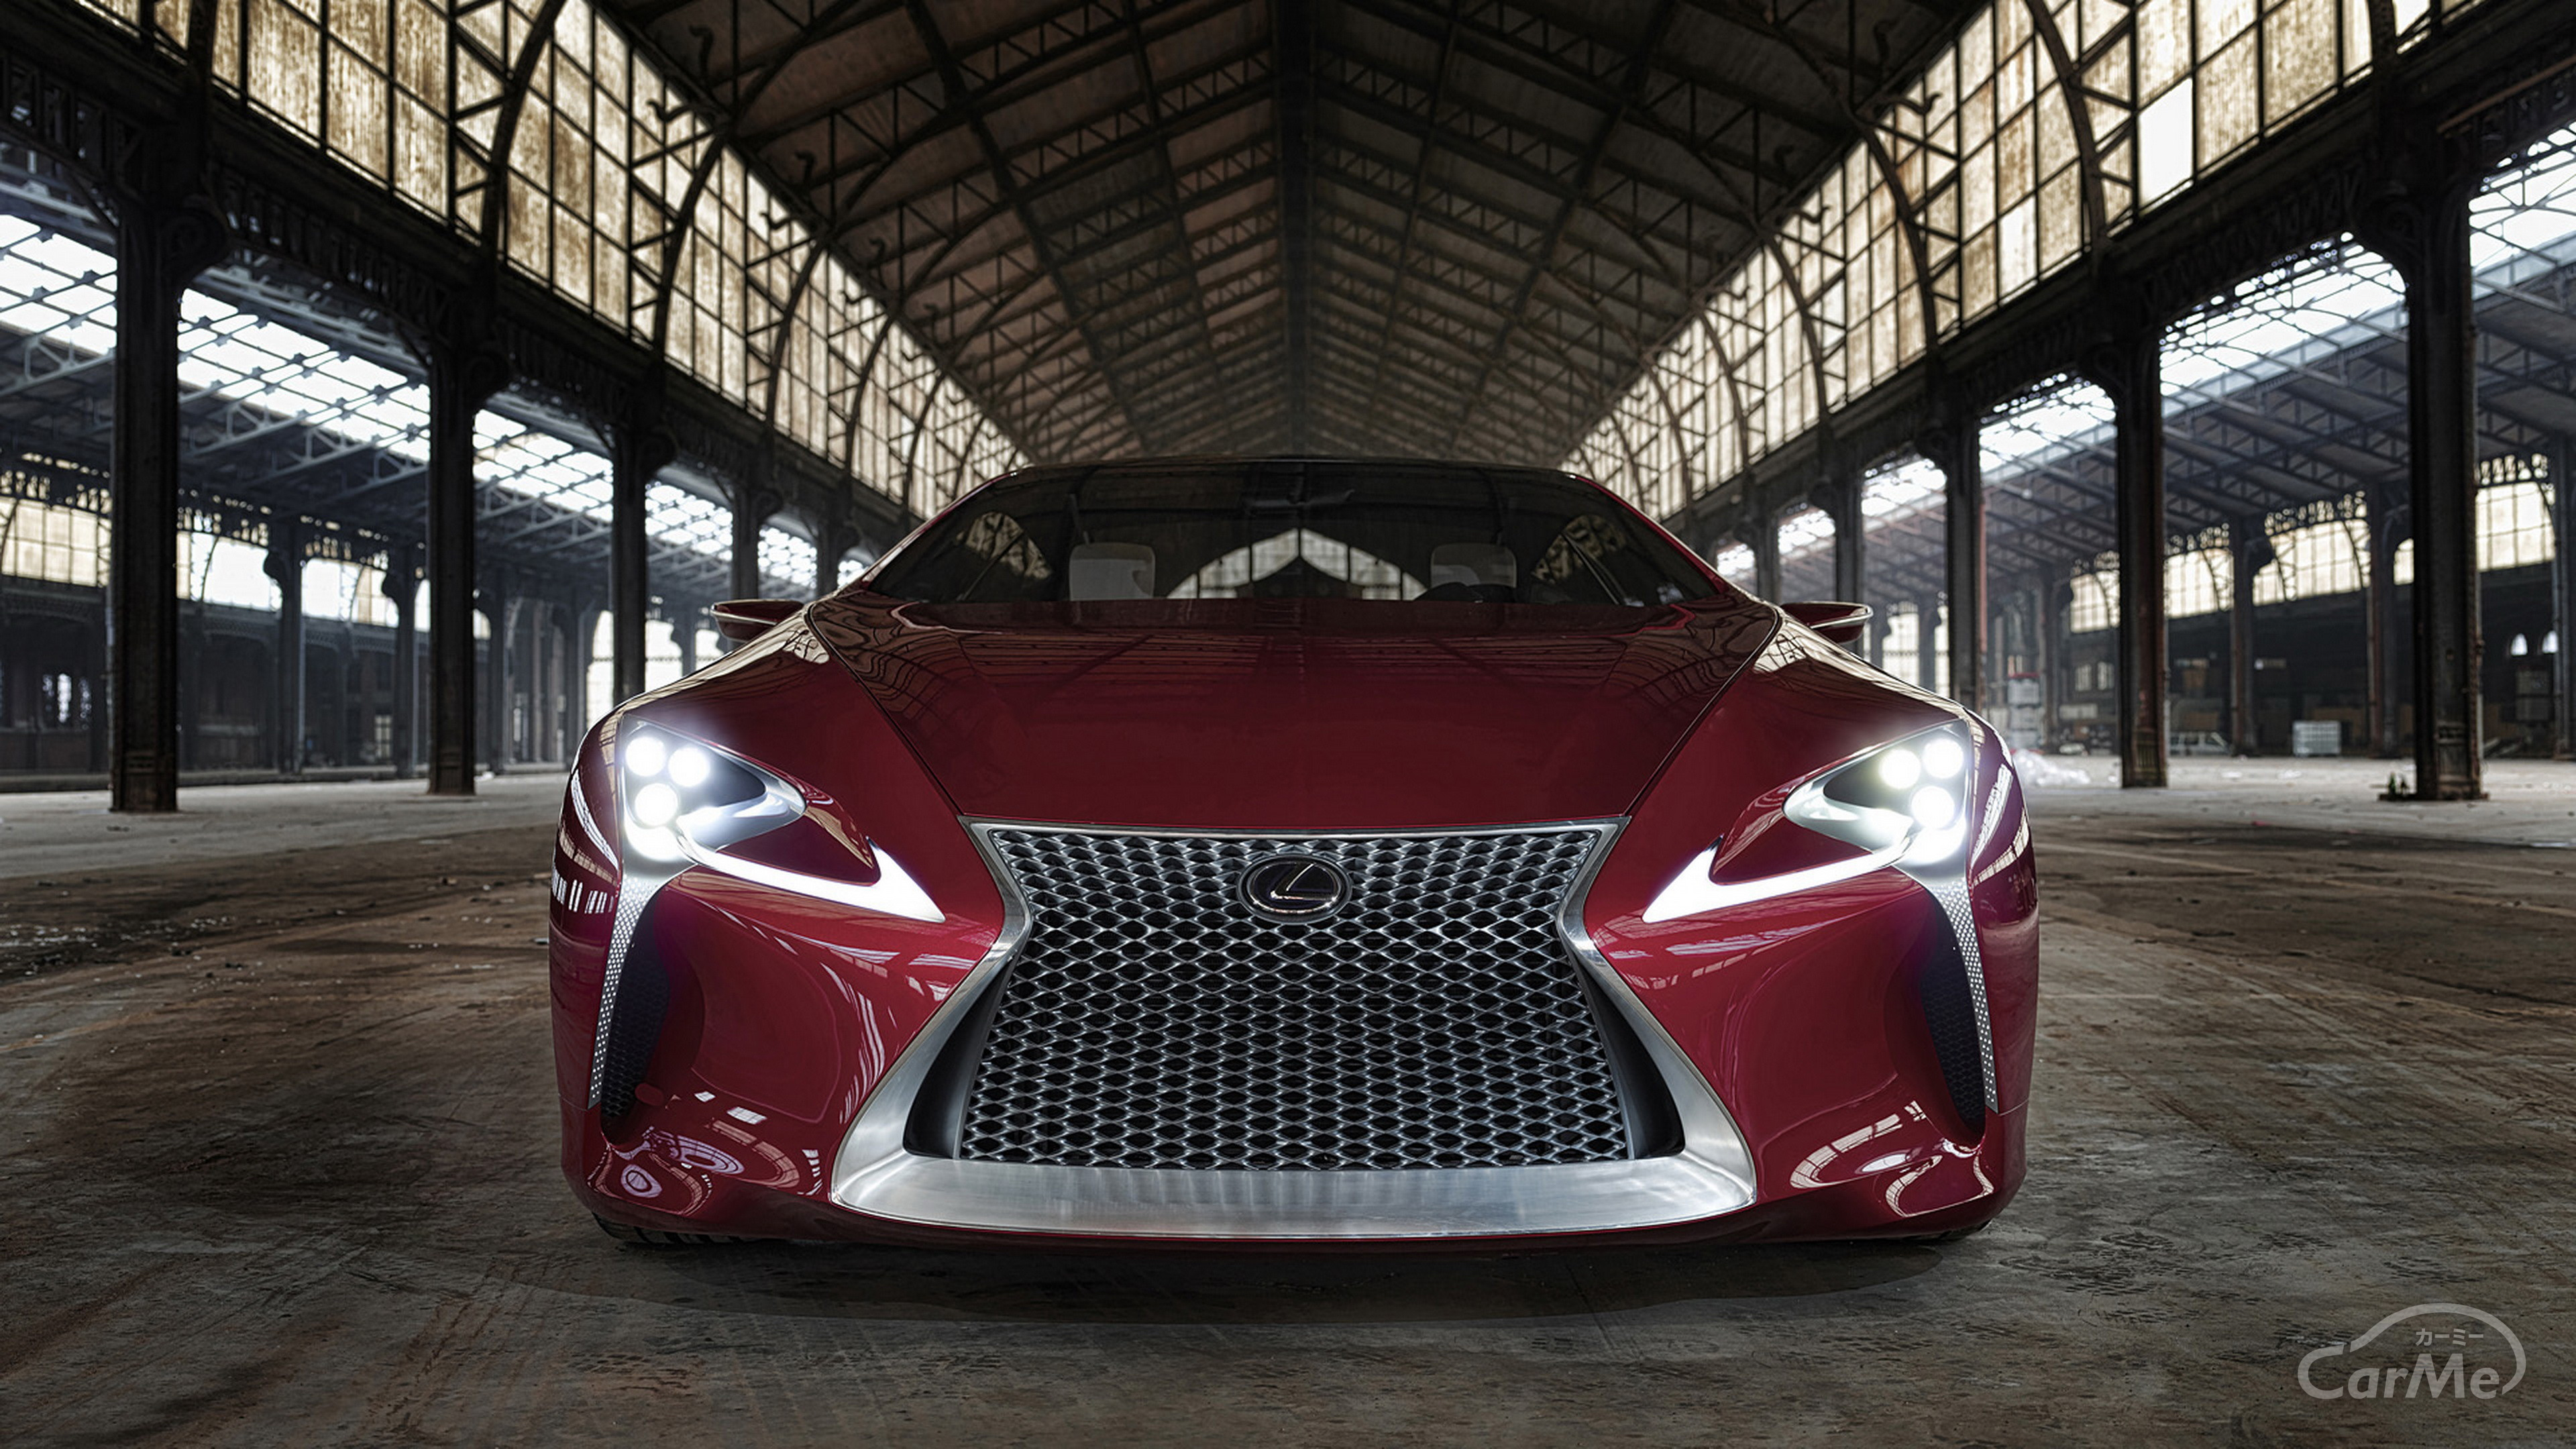 Lexus Lc likewise Lexus Lf Fc Sketch additionally Lc H Fs likewise Suzuki Ignis Glx Interior additionally Lexus Lc Vossen Forged Precison Series Vps T Vossen Wheels. on lexus lc 500